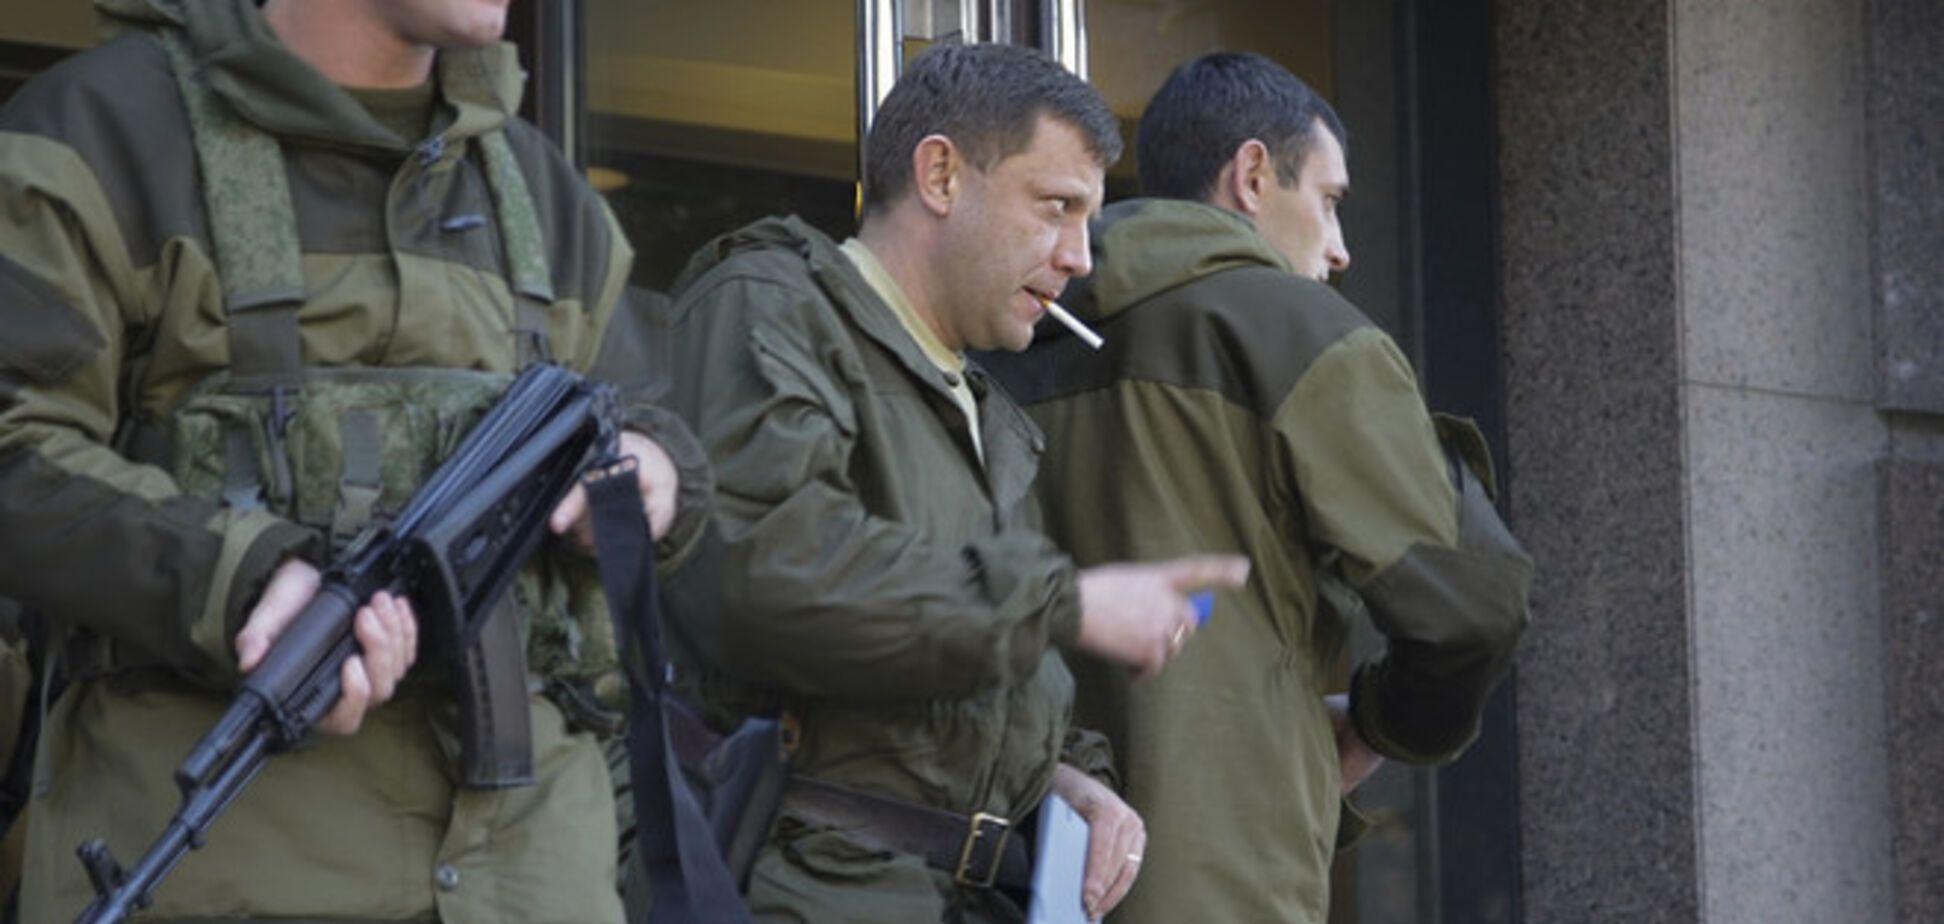 Главарь 'ДНР' боится участвовать в переговорах в Минске: 'Как я туда поеду, если я в международном розыске?'